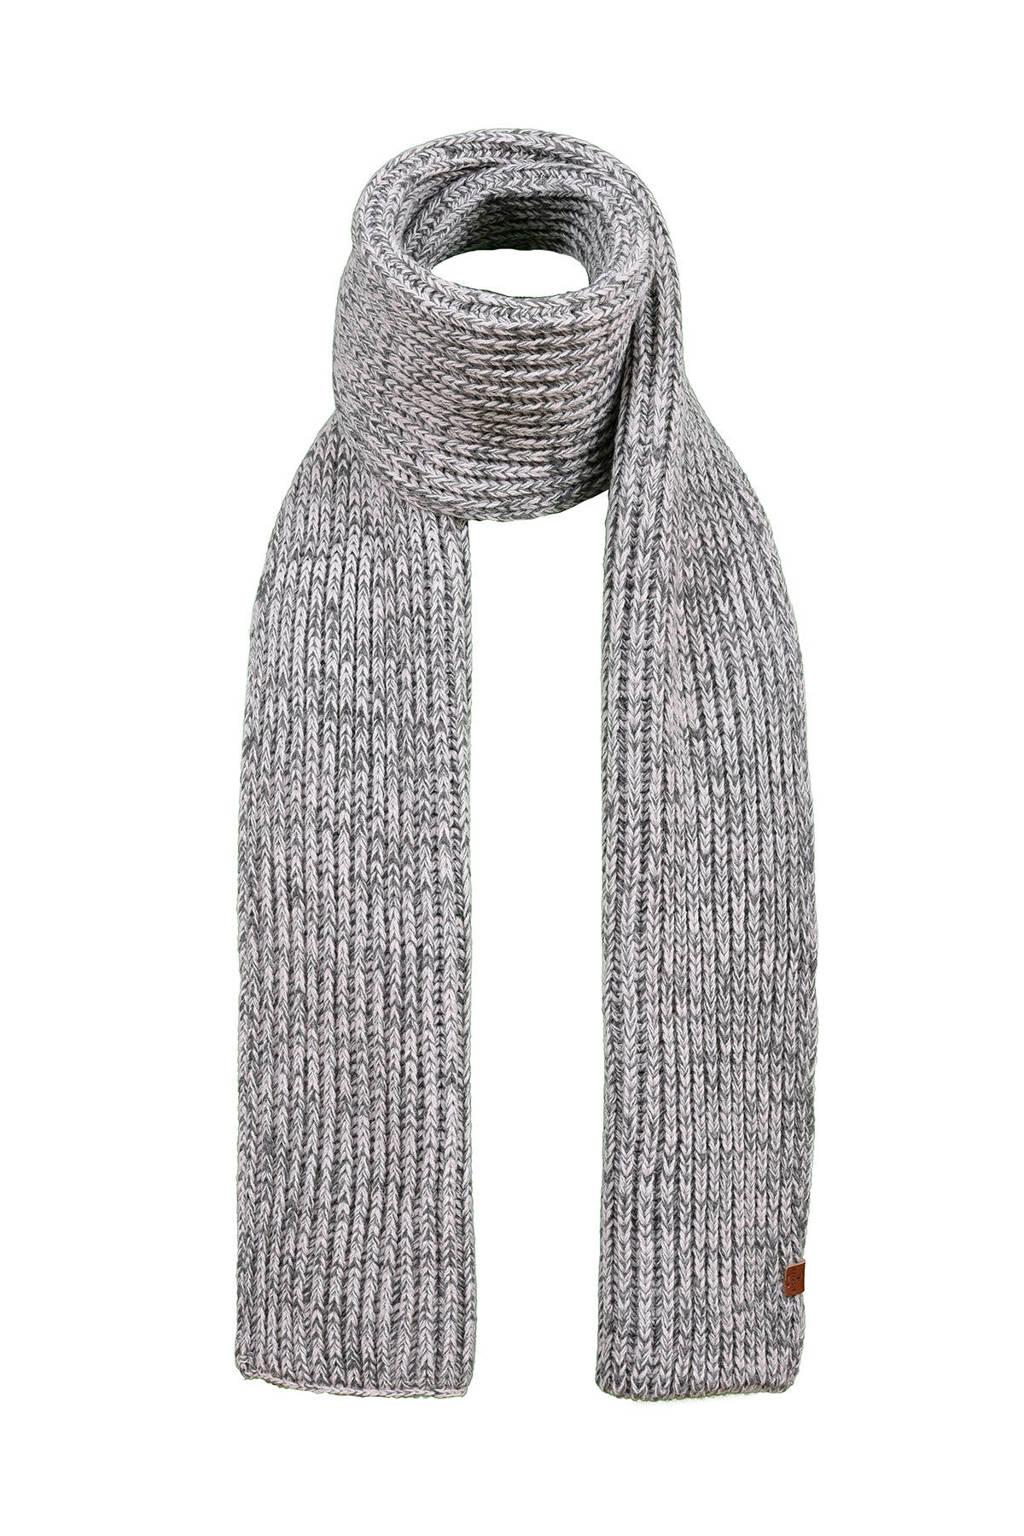 Bickley + Mitchell sjaal grijs melange, Grijs melange